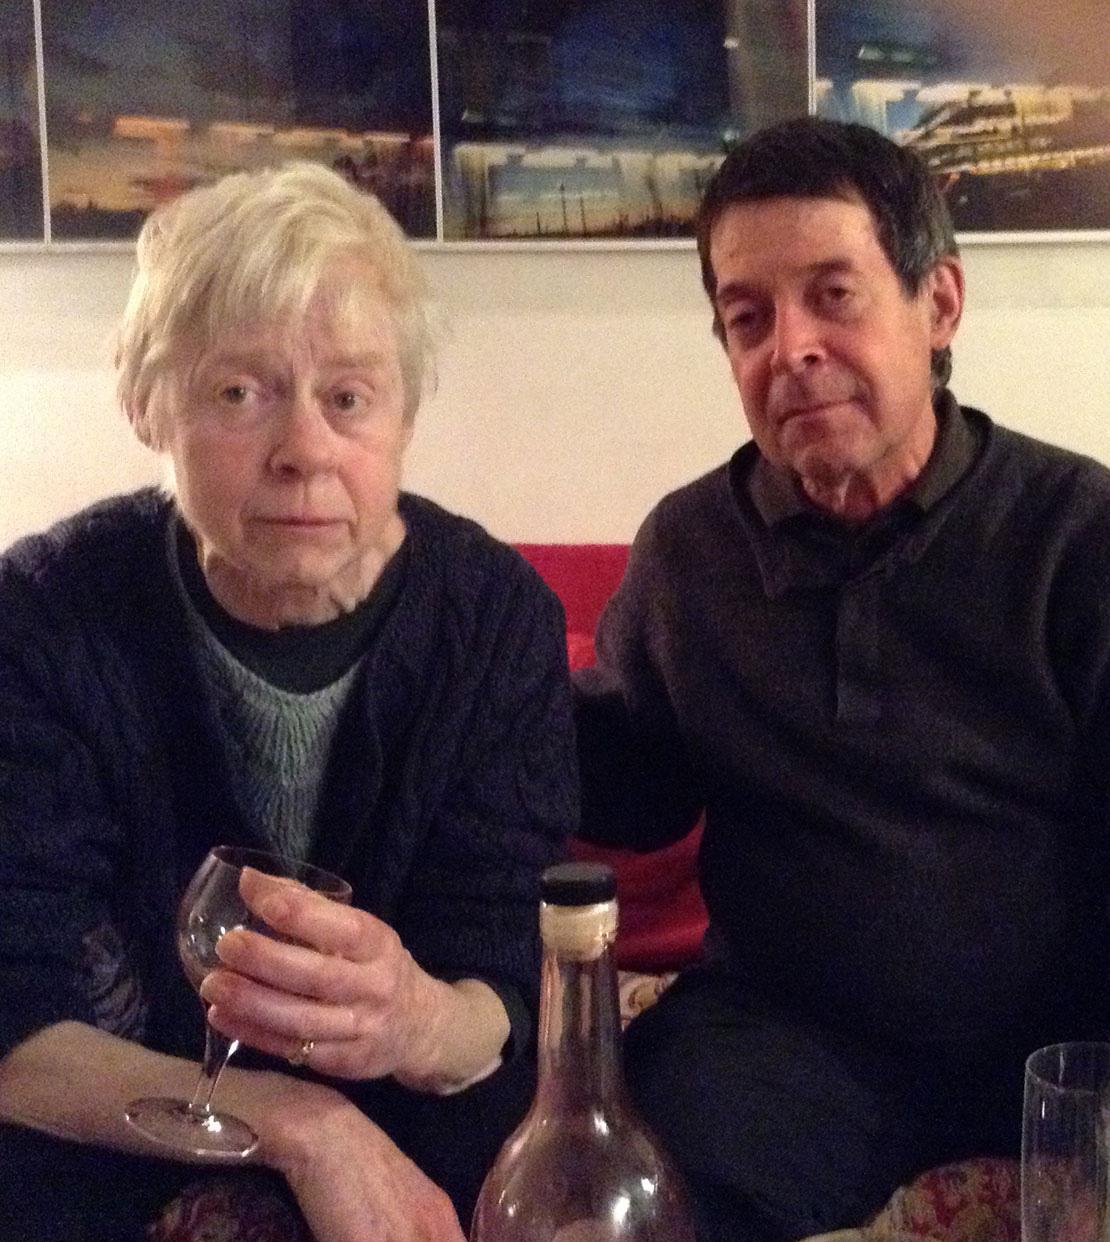 Cặp đôi bên nhau 50 năm bị chia cắt vì Covid-19: Ông không muốn đến viện dưỡng lão gặp bà lần cuối, chỉ muốn đến để giúp vợ được sống - Ảnh 7.